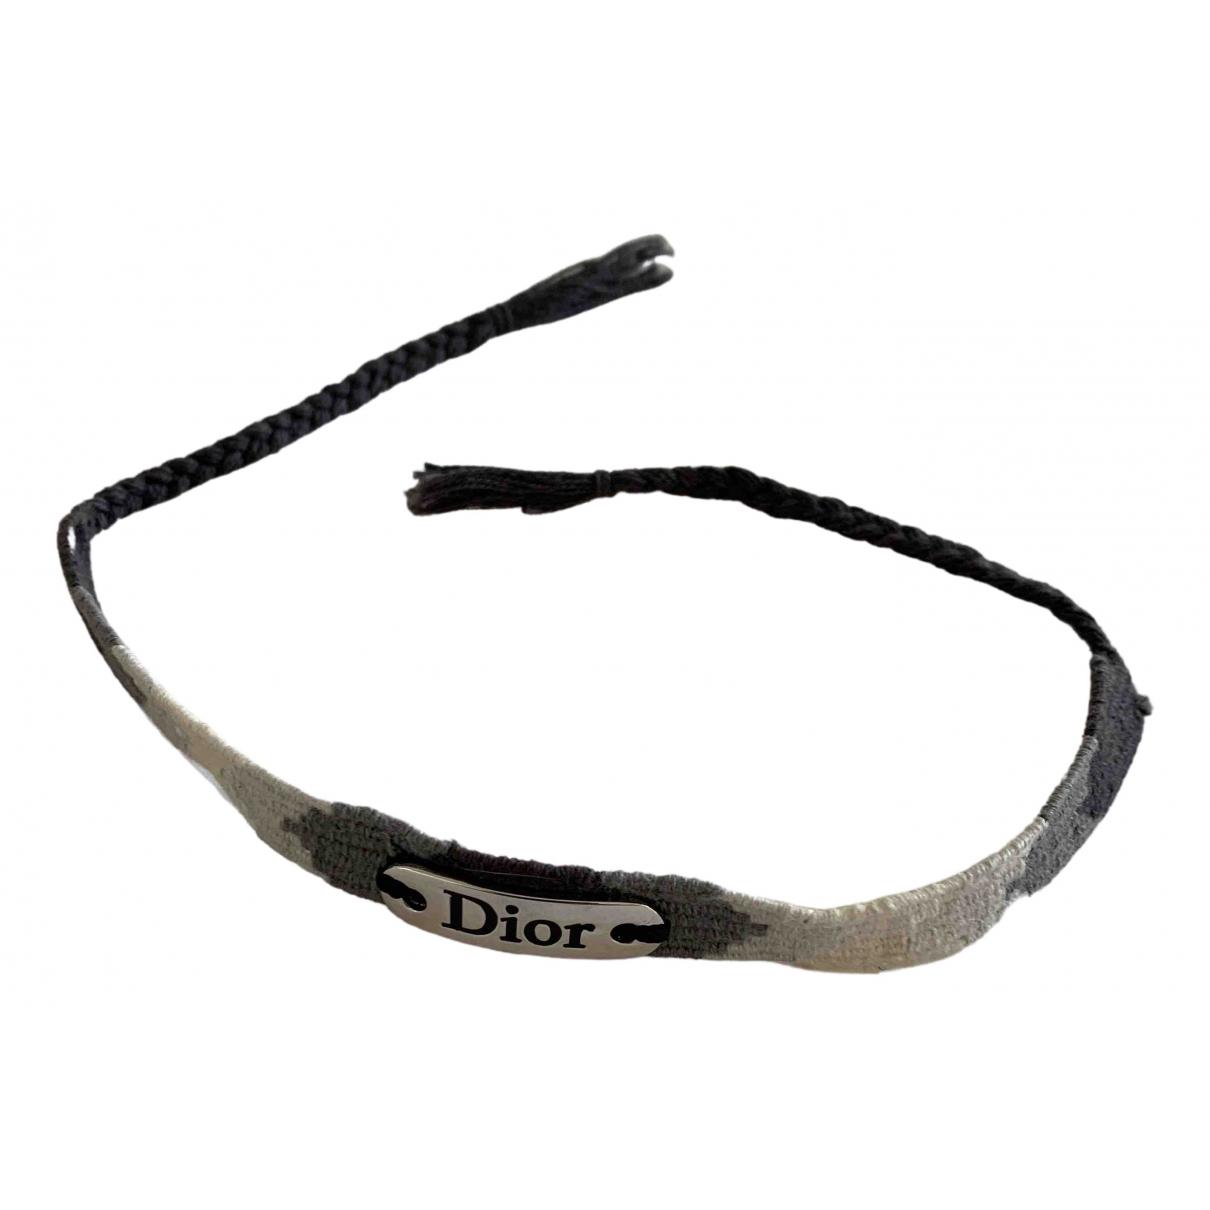 Christian Dior - Bracelet   pour femme en toile - gris